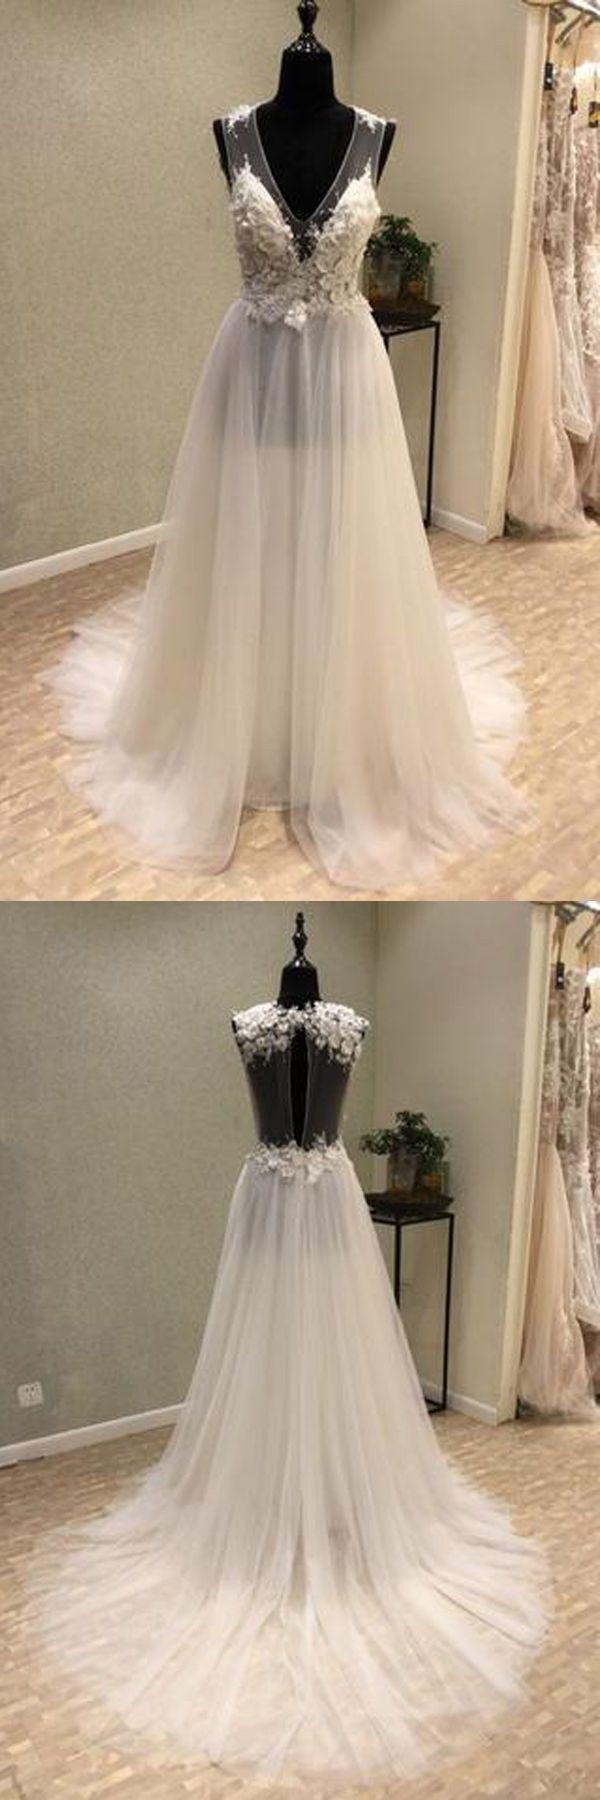 Custom made wedding dress  Custom Made Light Wedding Dresses Cheap Cheap VNeck Open Back Tulle